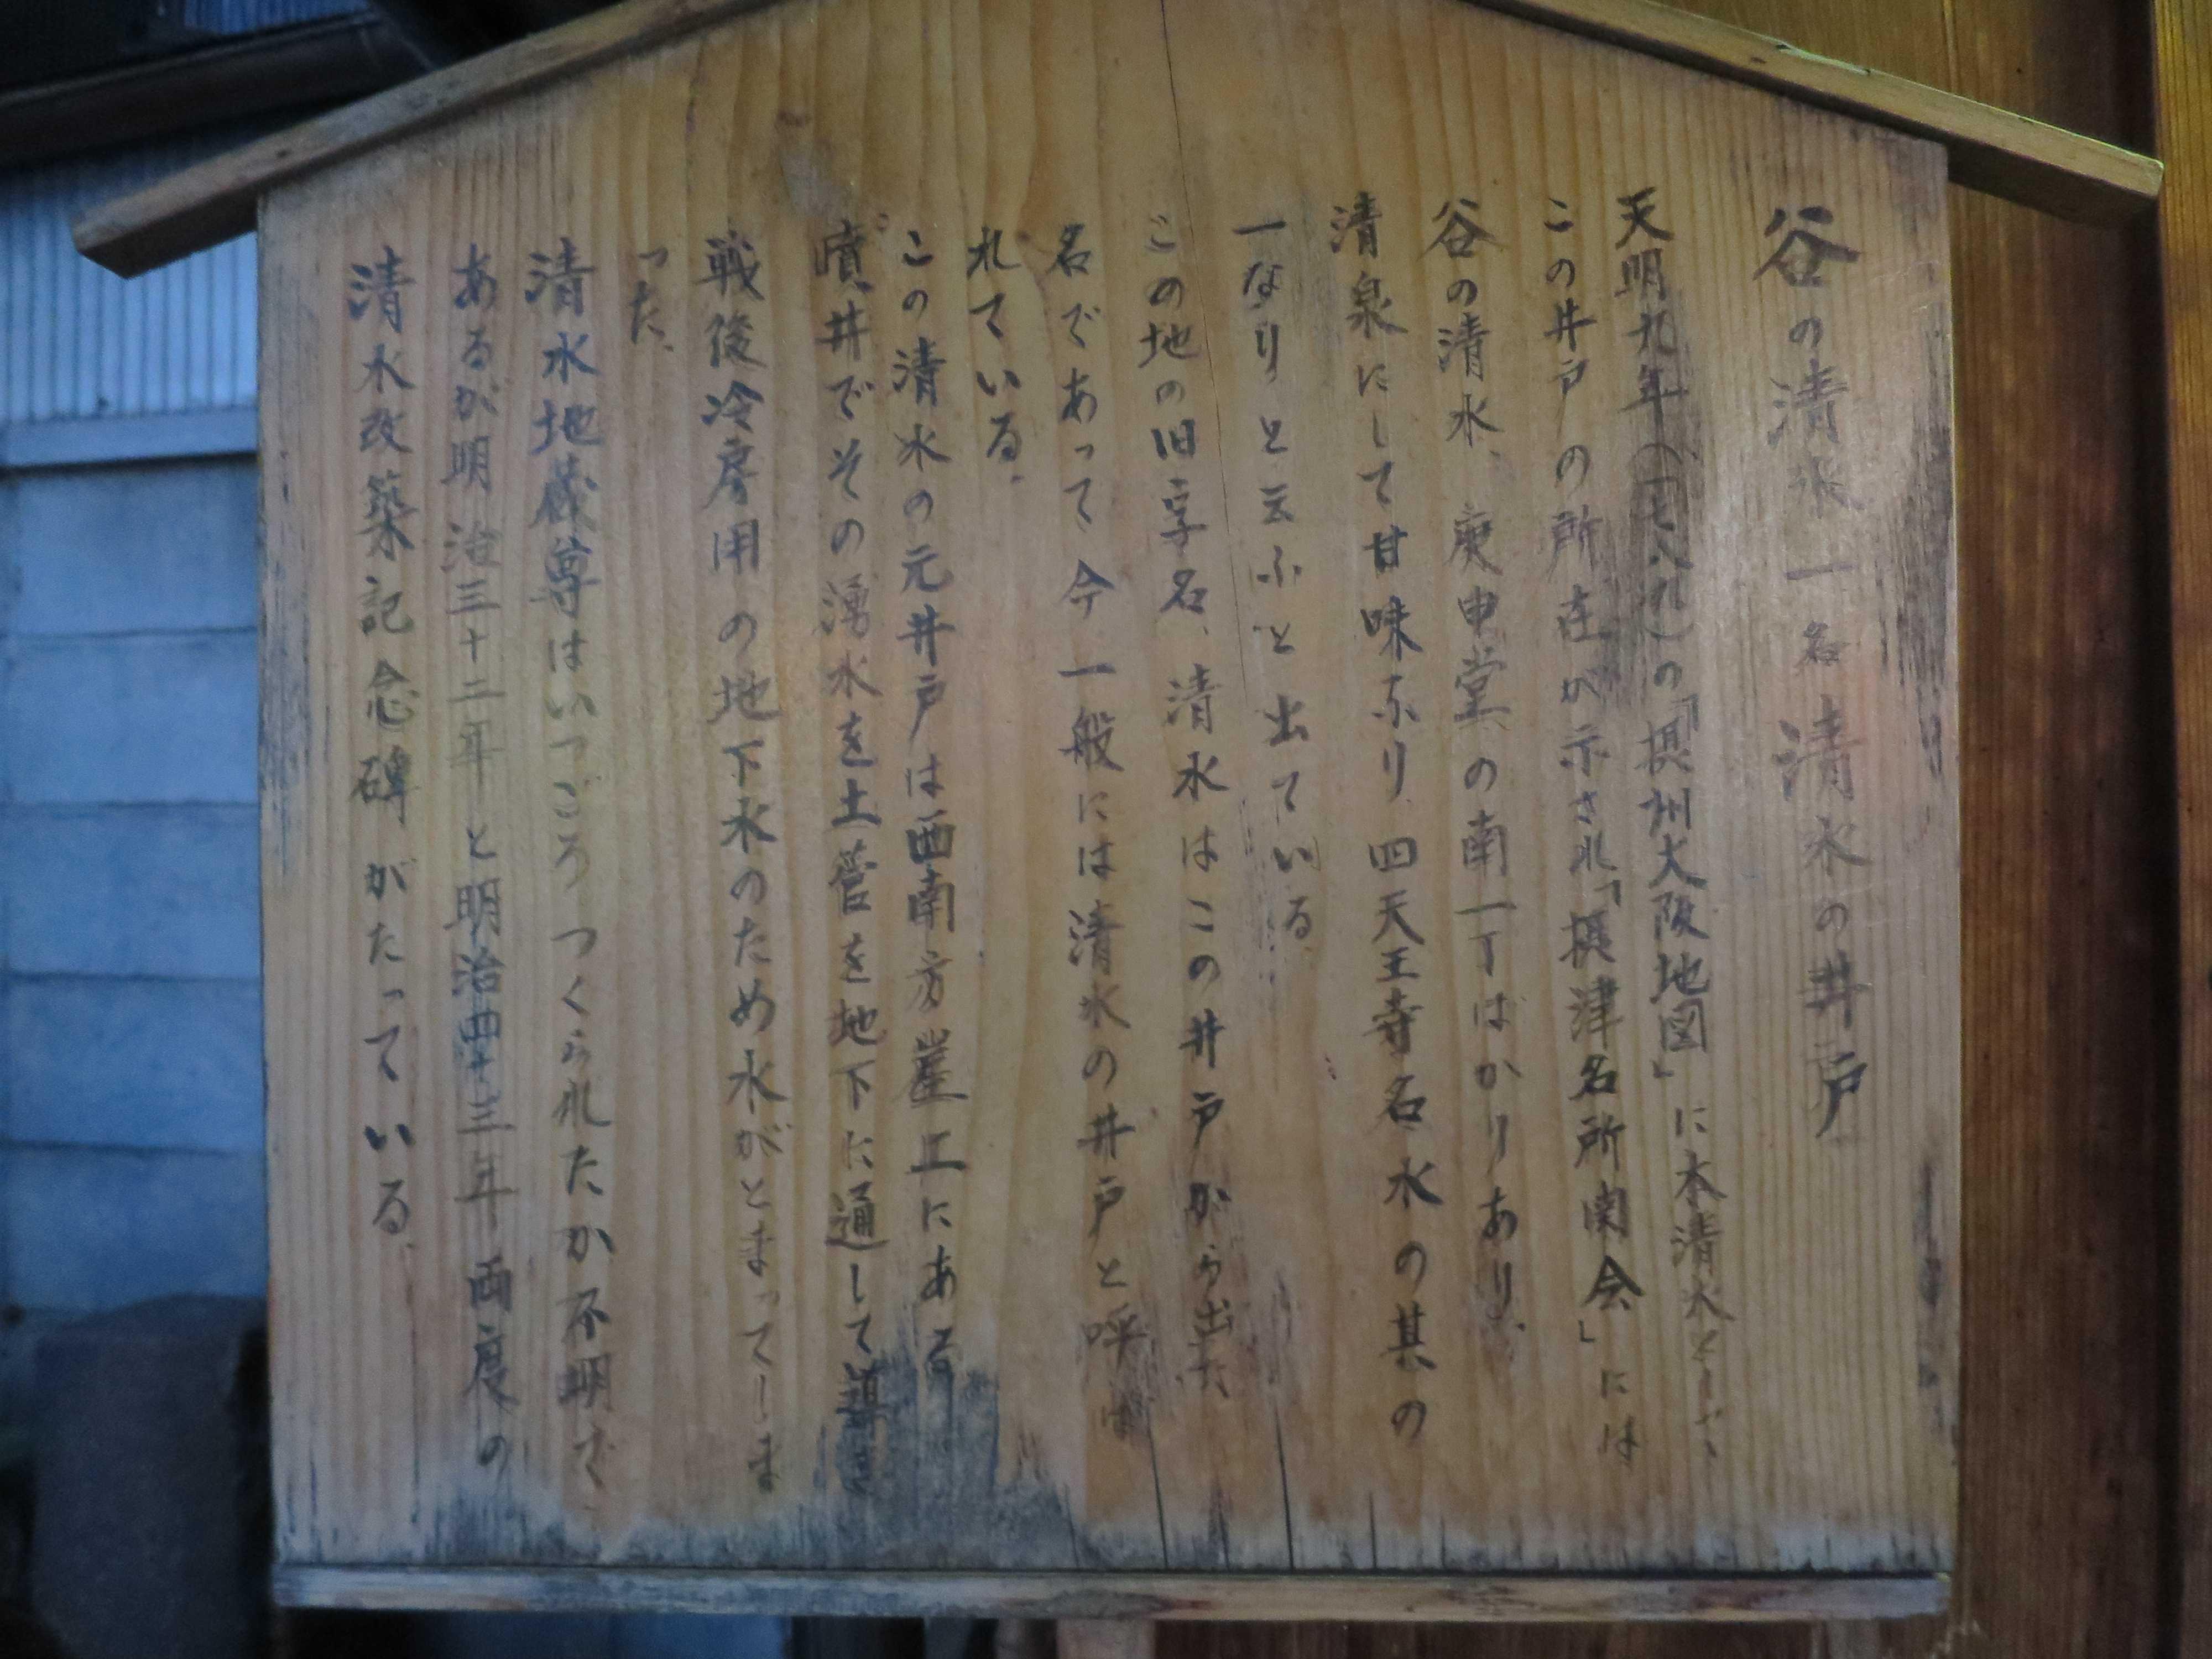 天王寺 谷の清水 一名 清水の井戸